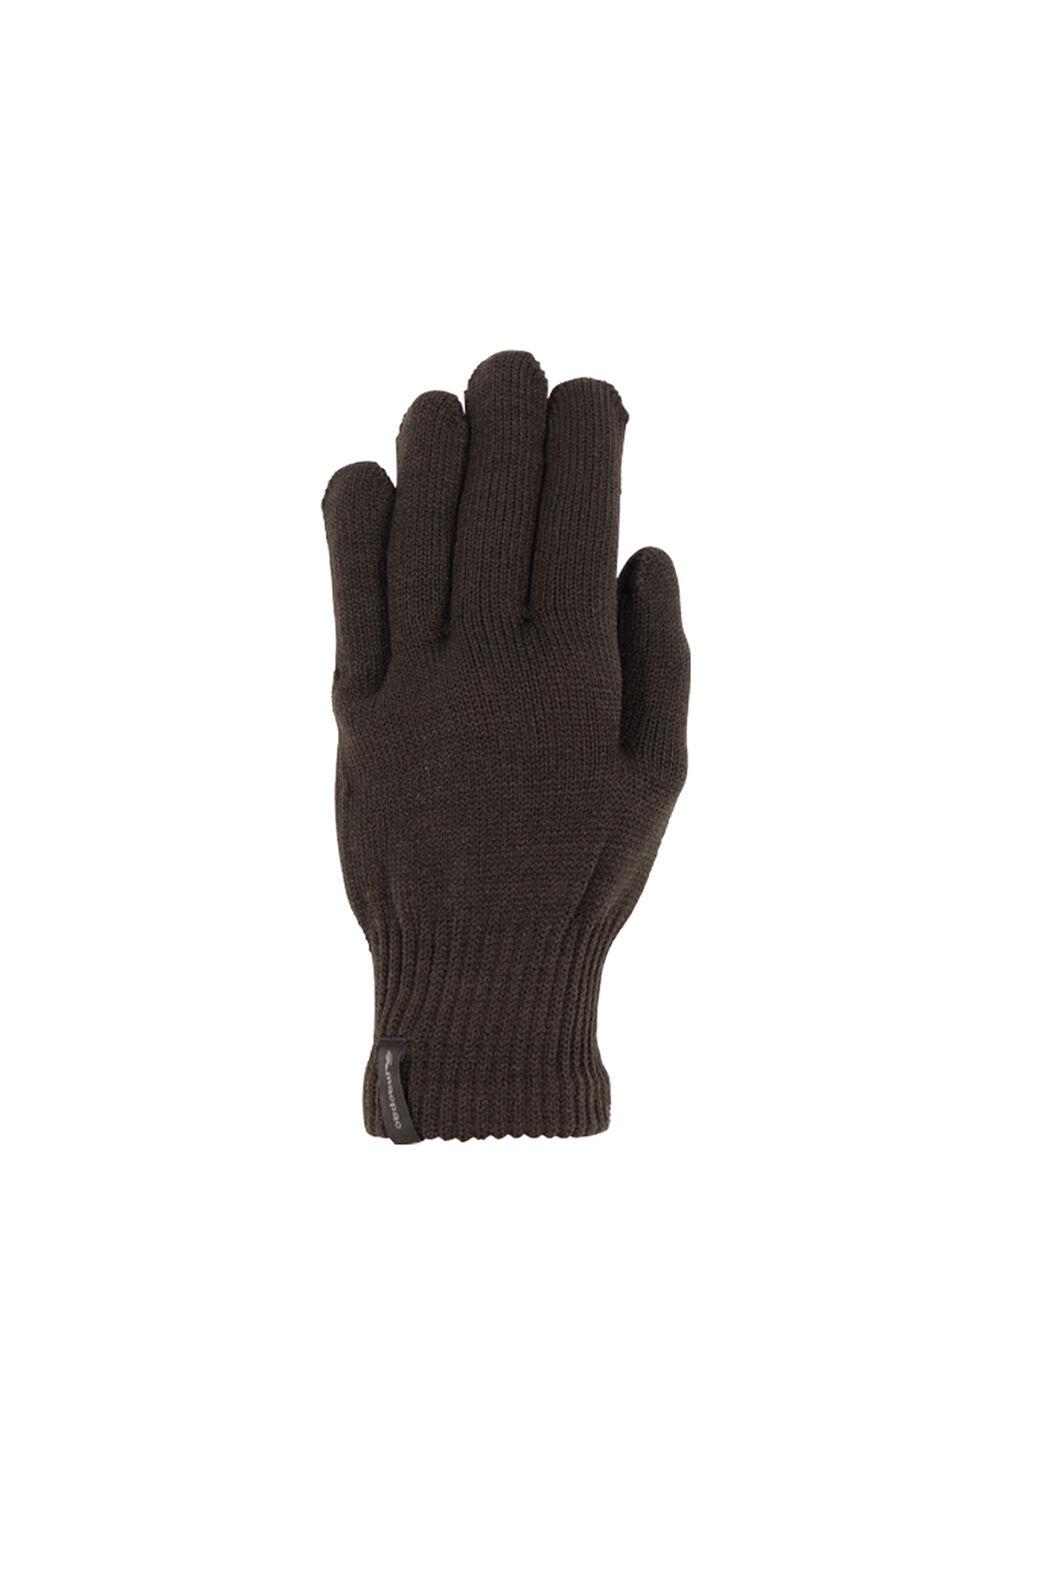 Macpac Polypro Gloves, Black, hi-res